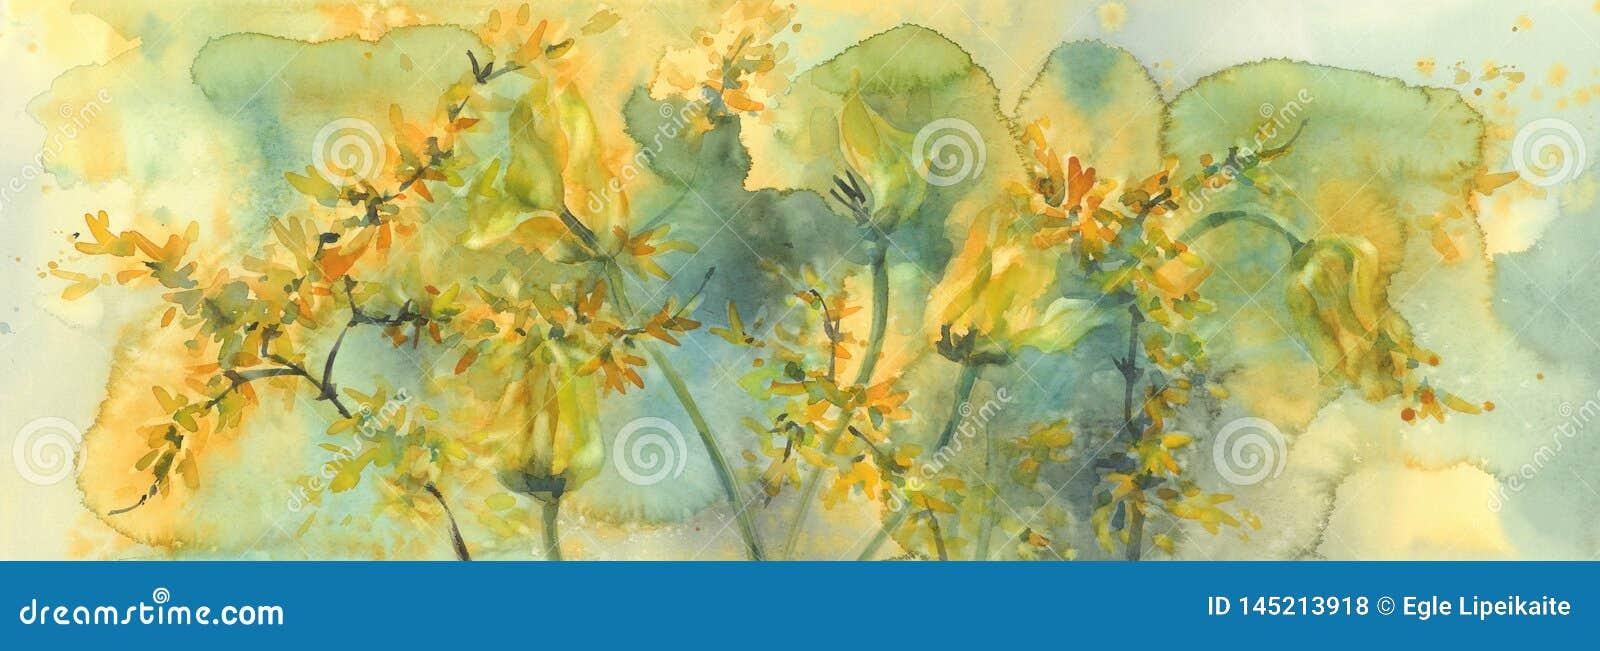 Passar ligeiramente o fundo amarelo da aquarela das tulipas, flores de morte